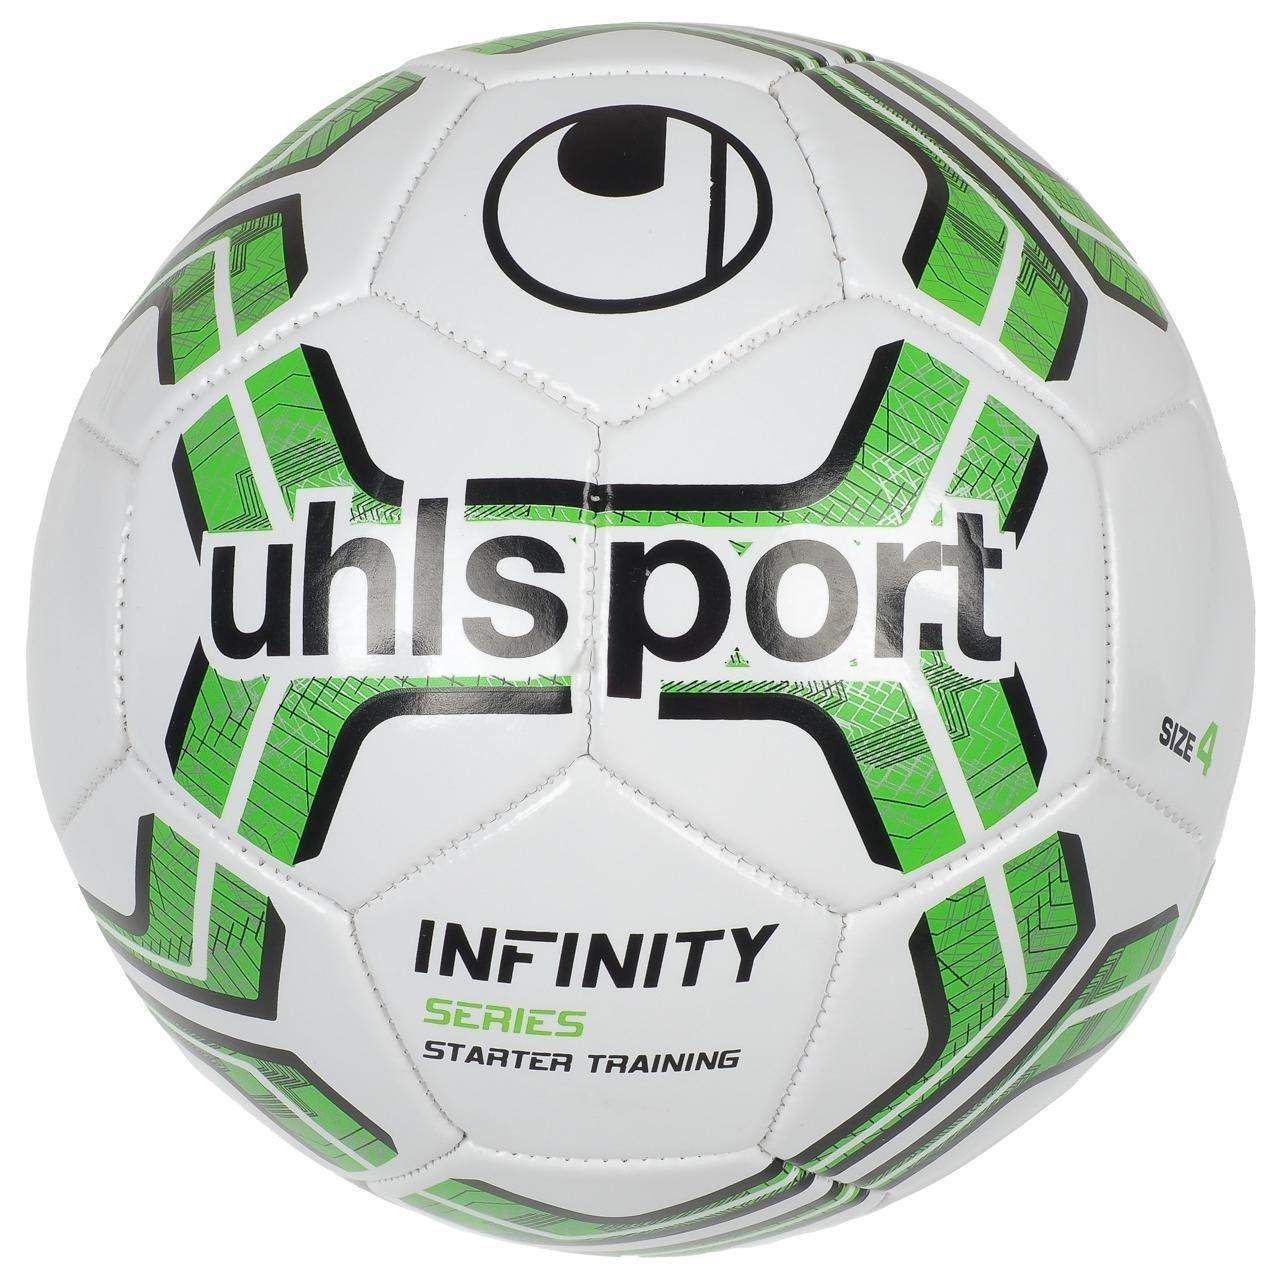 Uhlsport - infinity BLC balón T4 - Balón Fútbol Ocio, blanco ...